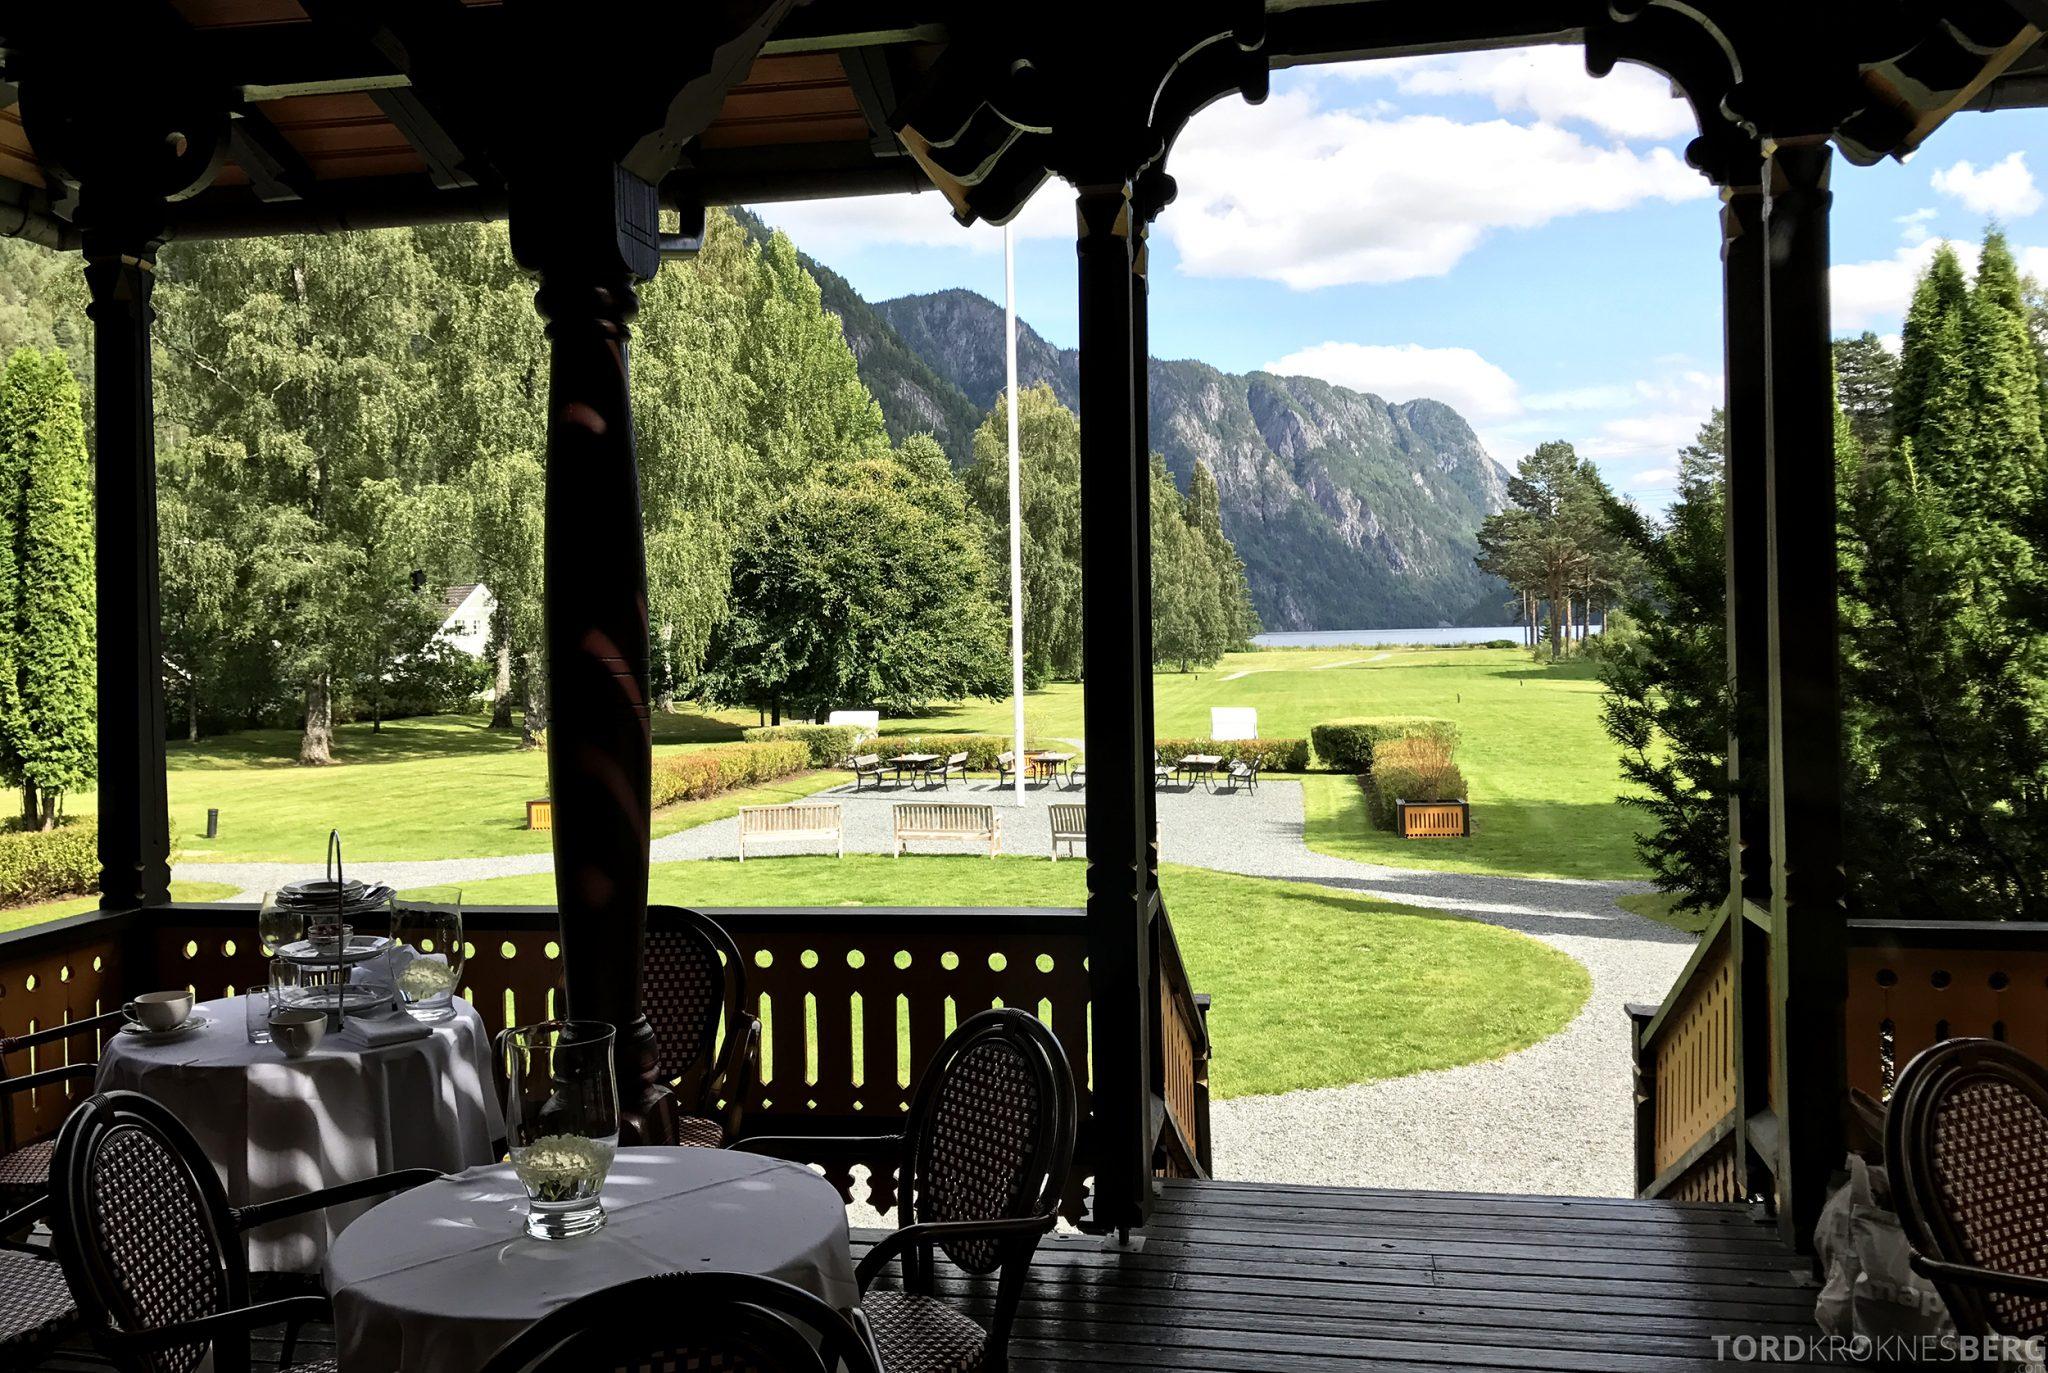 Dalen Hotel Telemark spiseplasser ute